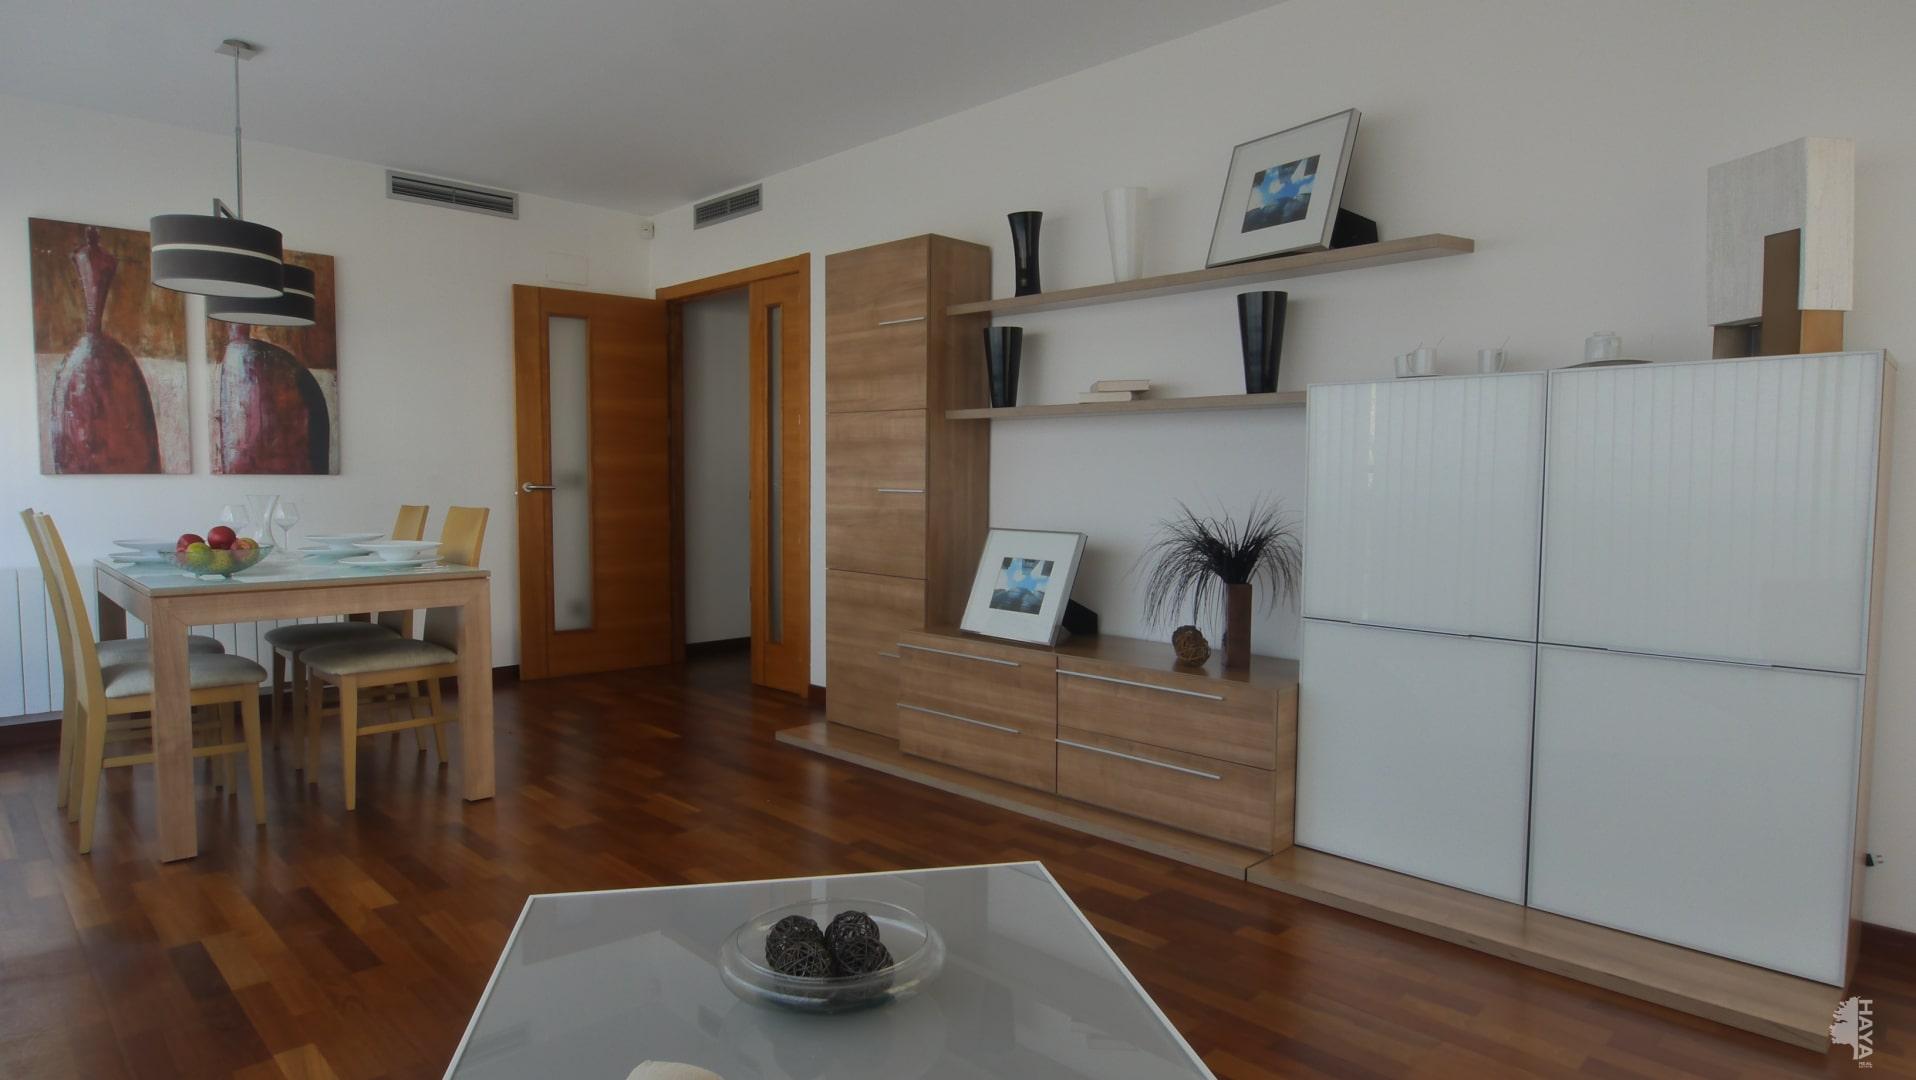 Piso en venta en Castellón de la Plana/castelló de la Plana, Castellón, Avenida Villarreal, 105.000 €, 1 habitación, 1 baño, 57 m2